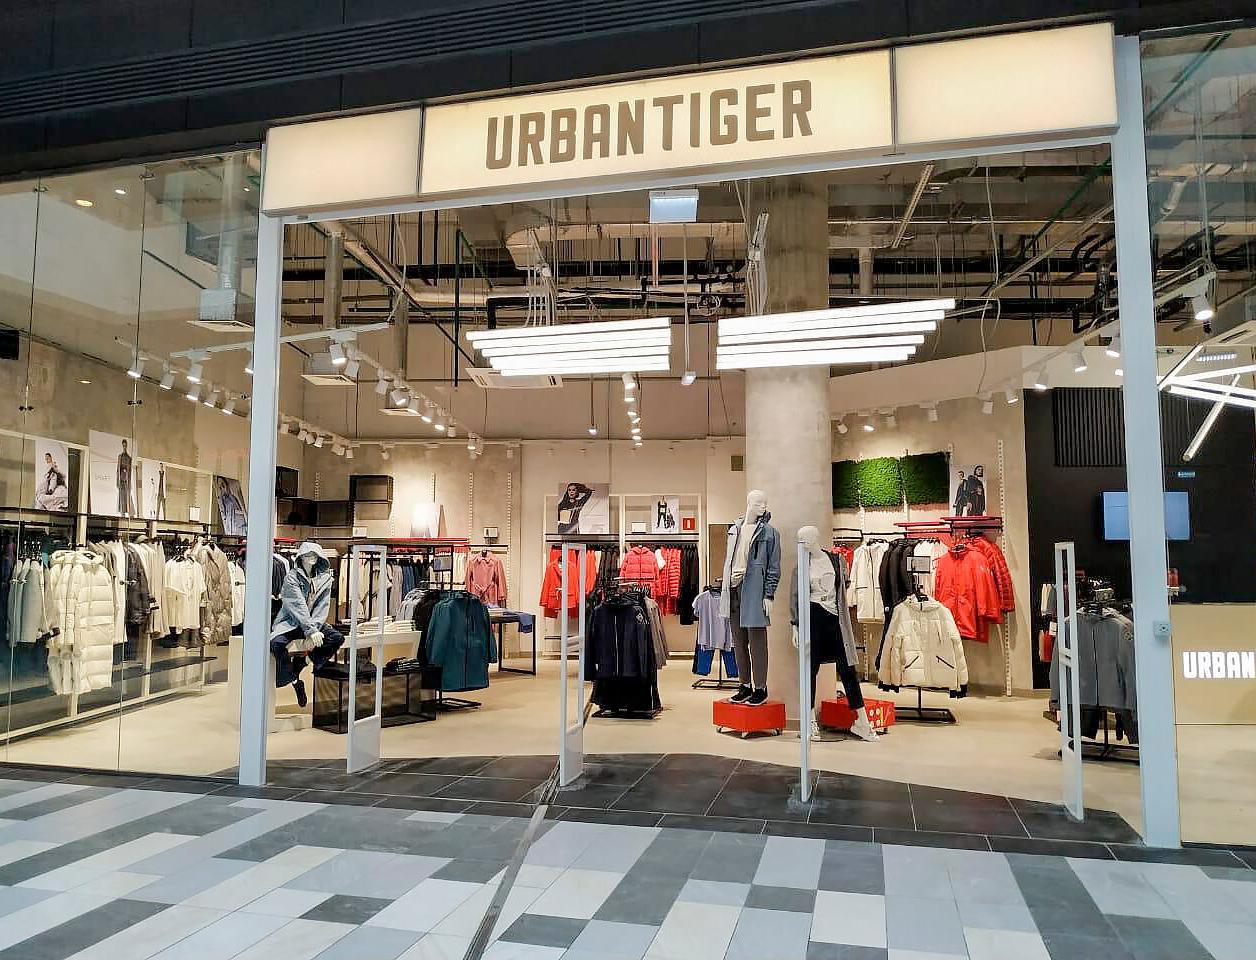 Российский бренд представил коллекцию одежды из переработанных текстильных отходов